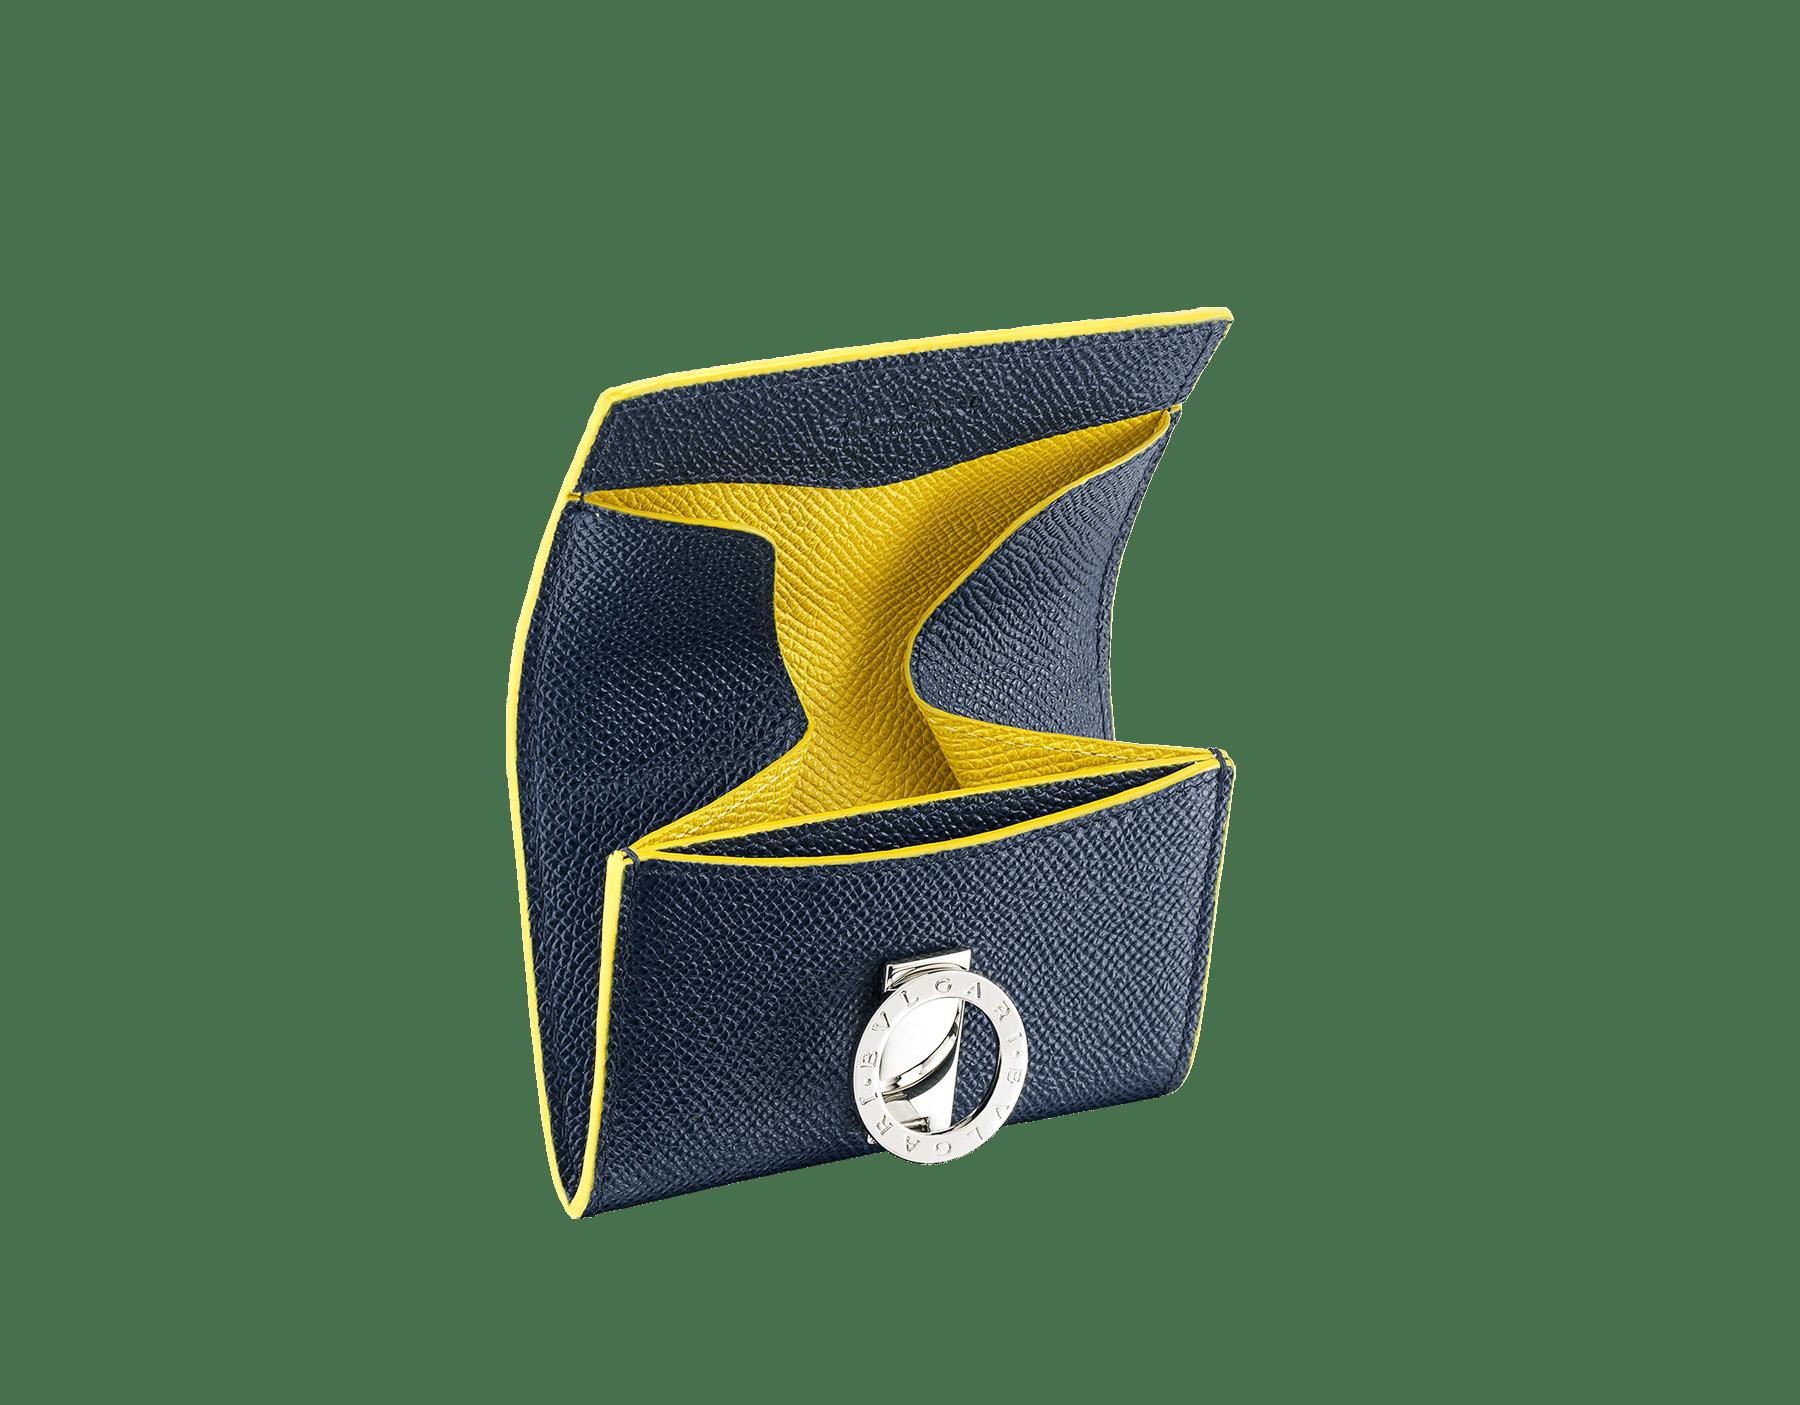 Porte-monnaie BVLGARIBVLGARI en cuir de veau grainé couleur Denim Sapphire et Daisy Topaz avec doublure en moire bleu marine foncé. Fermoir emblématique orné du logo Bvlgari en laiton. 289859 image 2